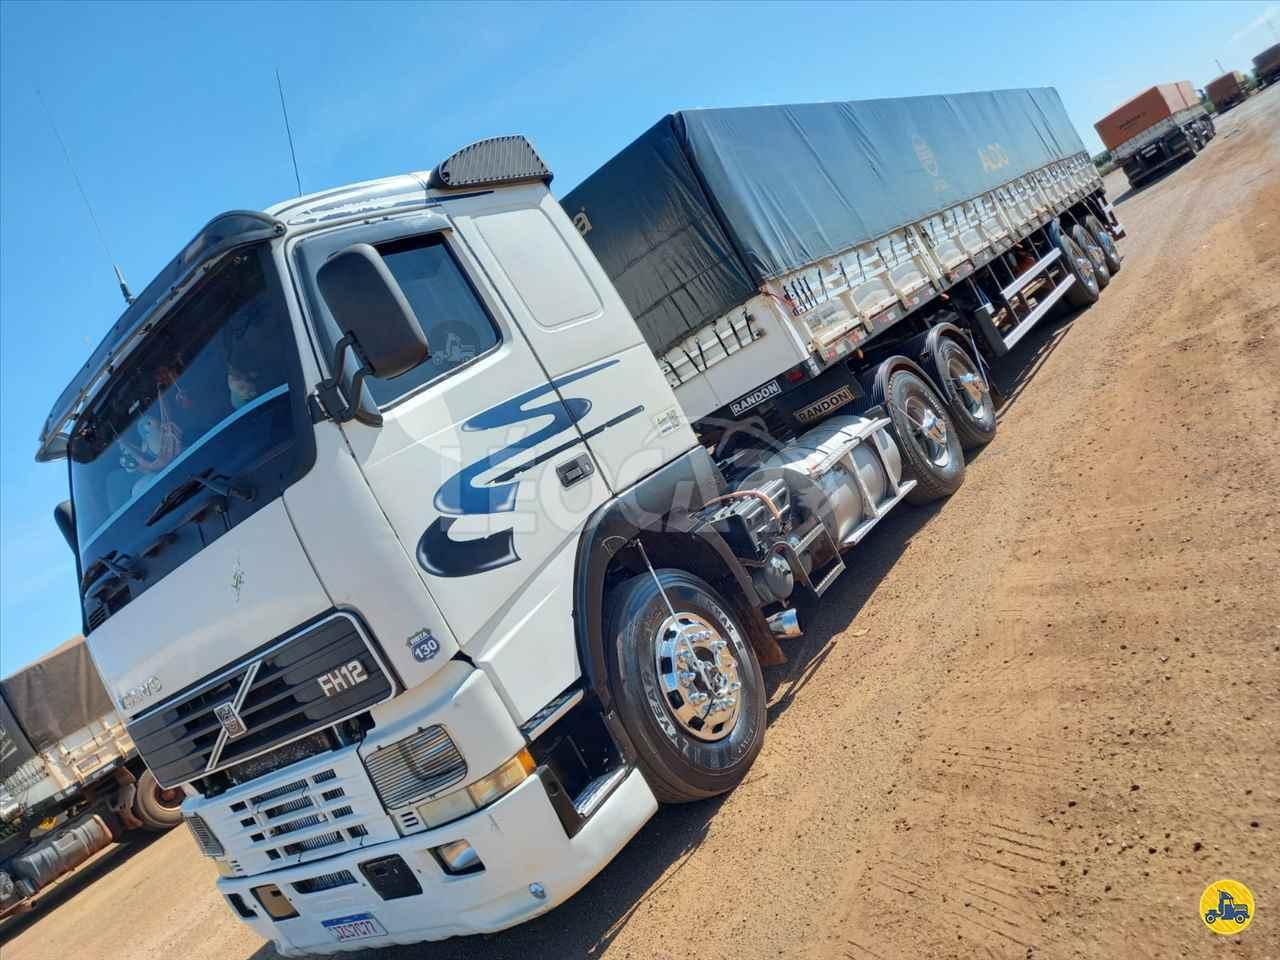 CAMINHAO VOLVO VOLVO FH12 380 Graneleiro Truck 6x2 Leocar Caminhões PRIMAVERA DO LESTE MATO GROSSO MT